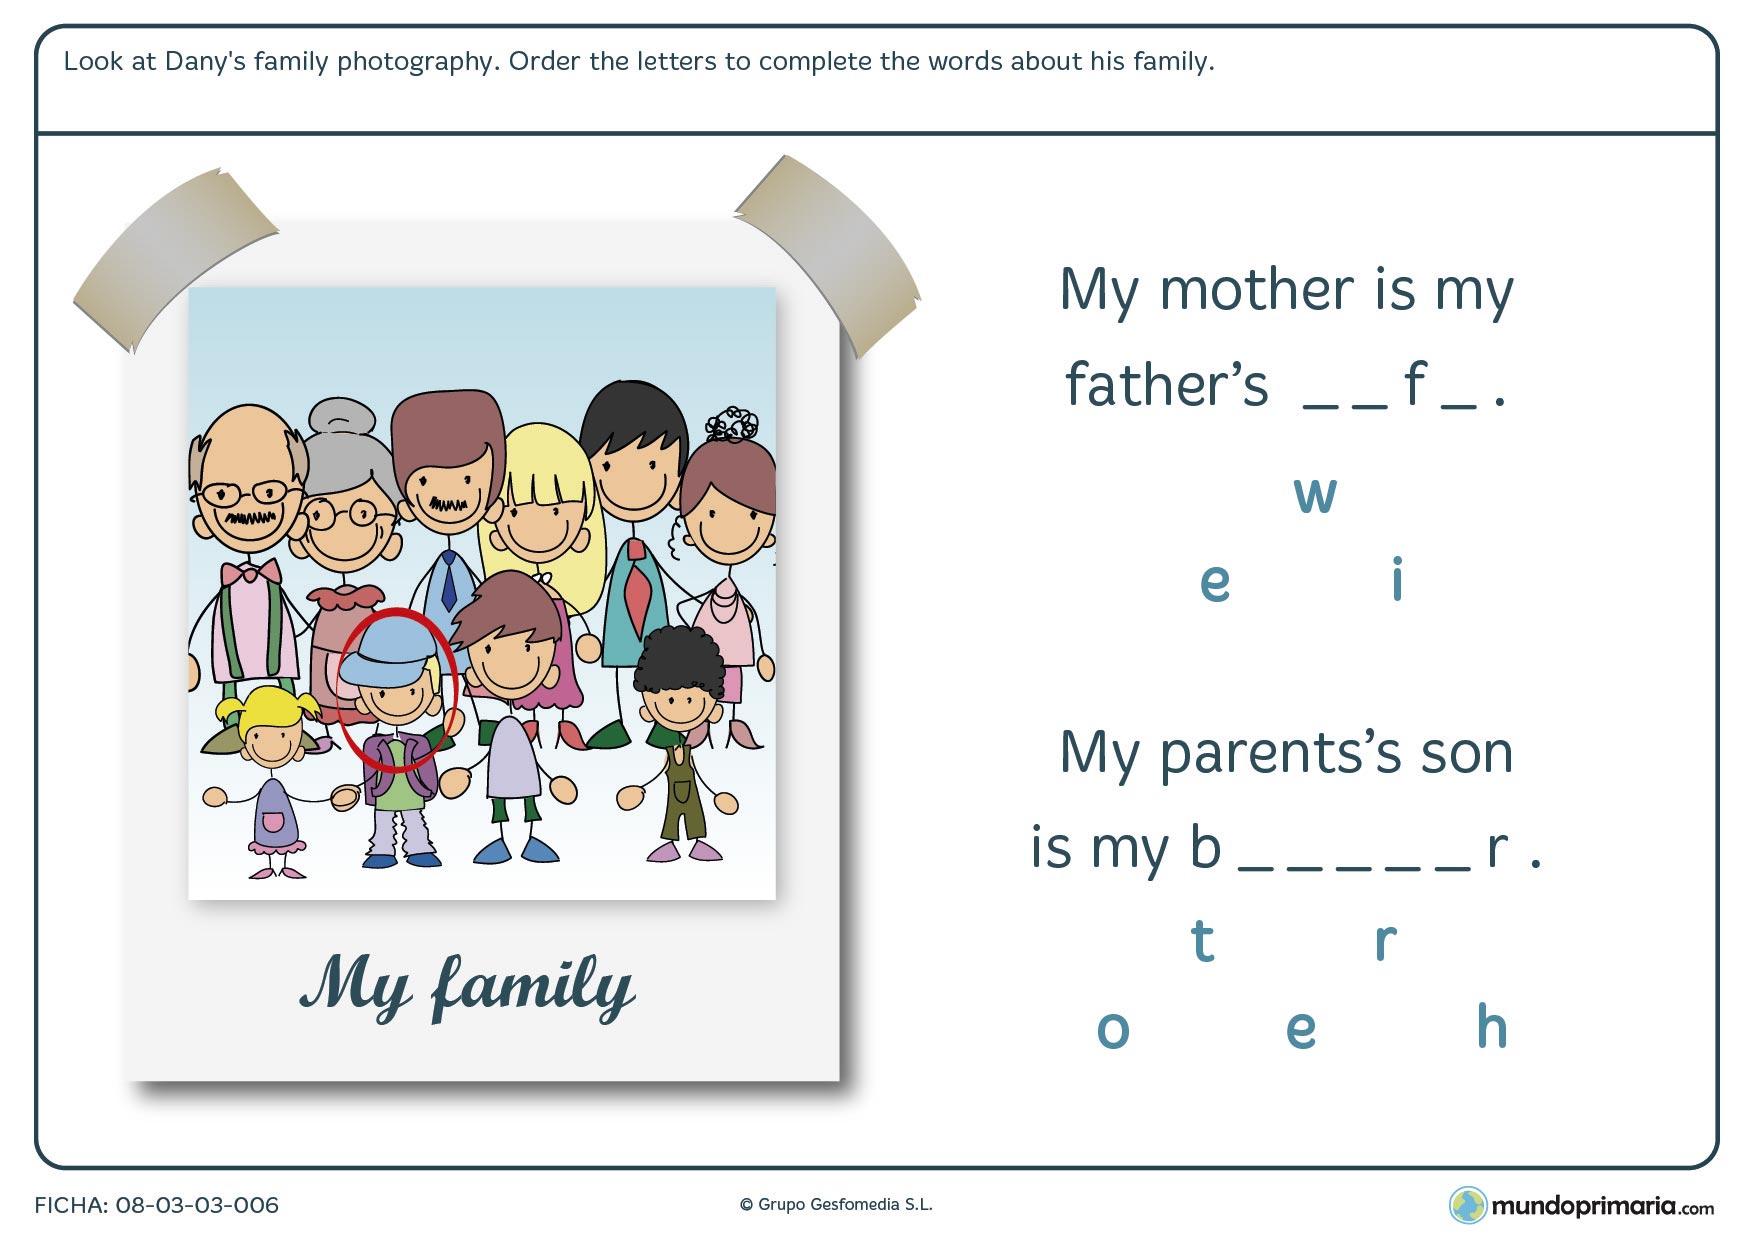 Ficha de establecer el vínculo entre las personas de una misma familia